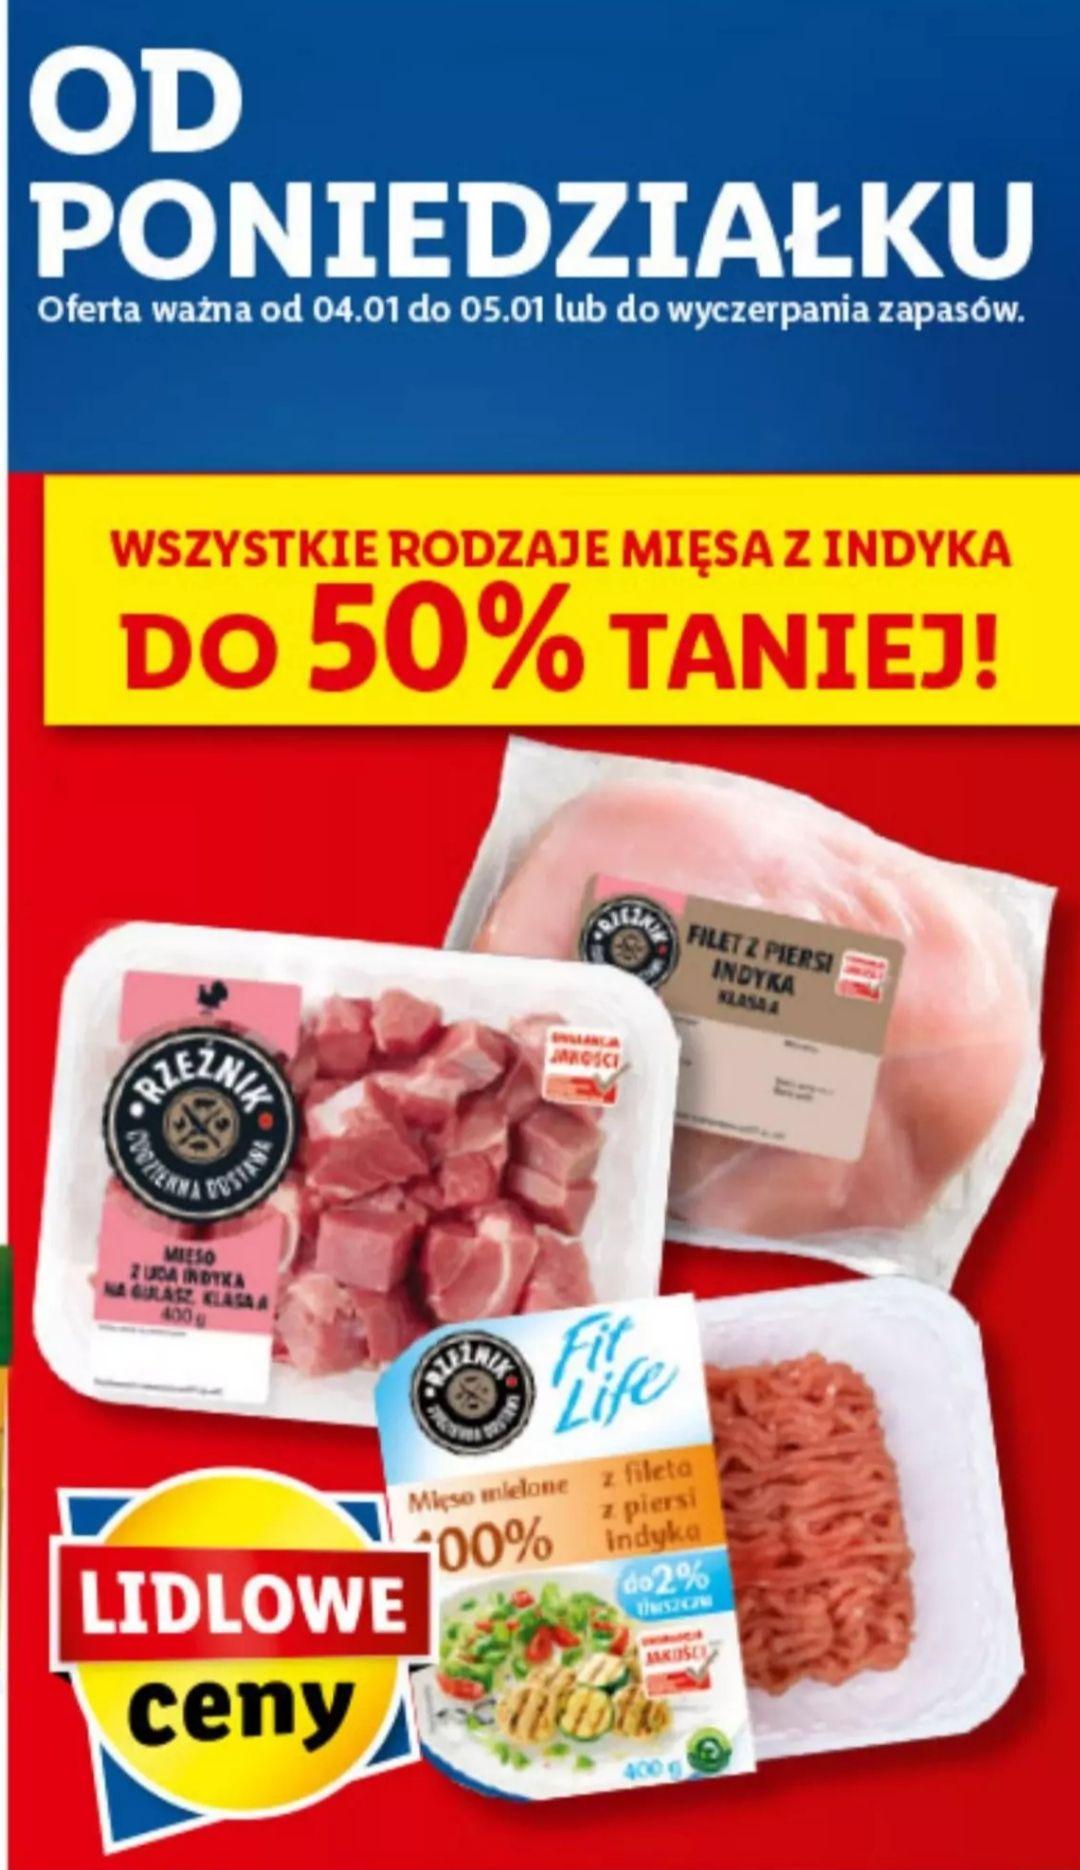 Wszystkie rodzaje mięsa z indyka do 50% taniej